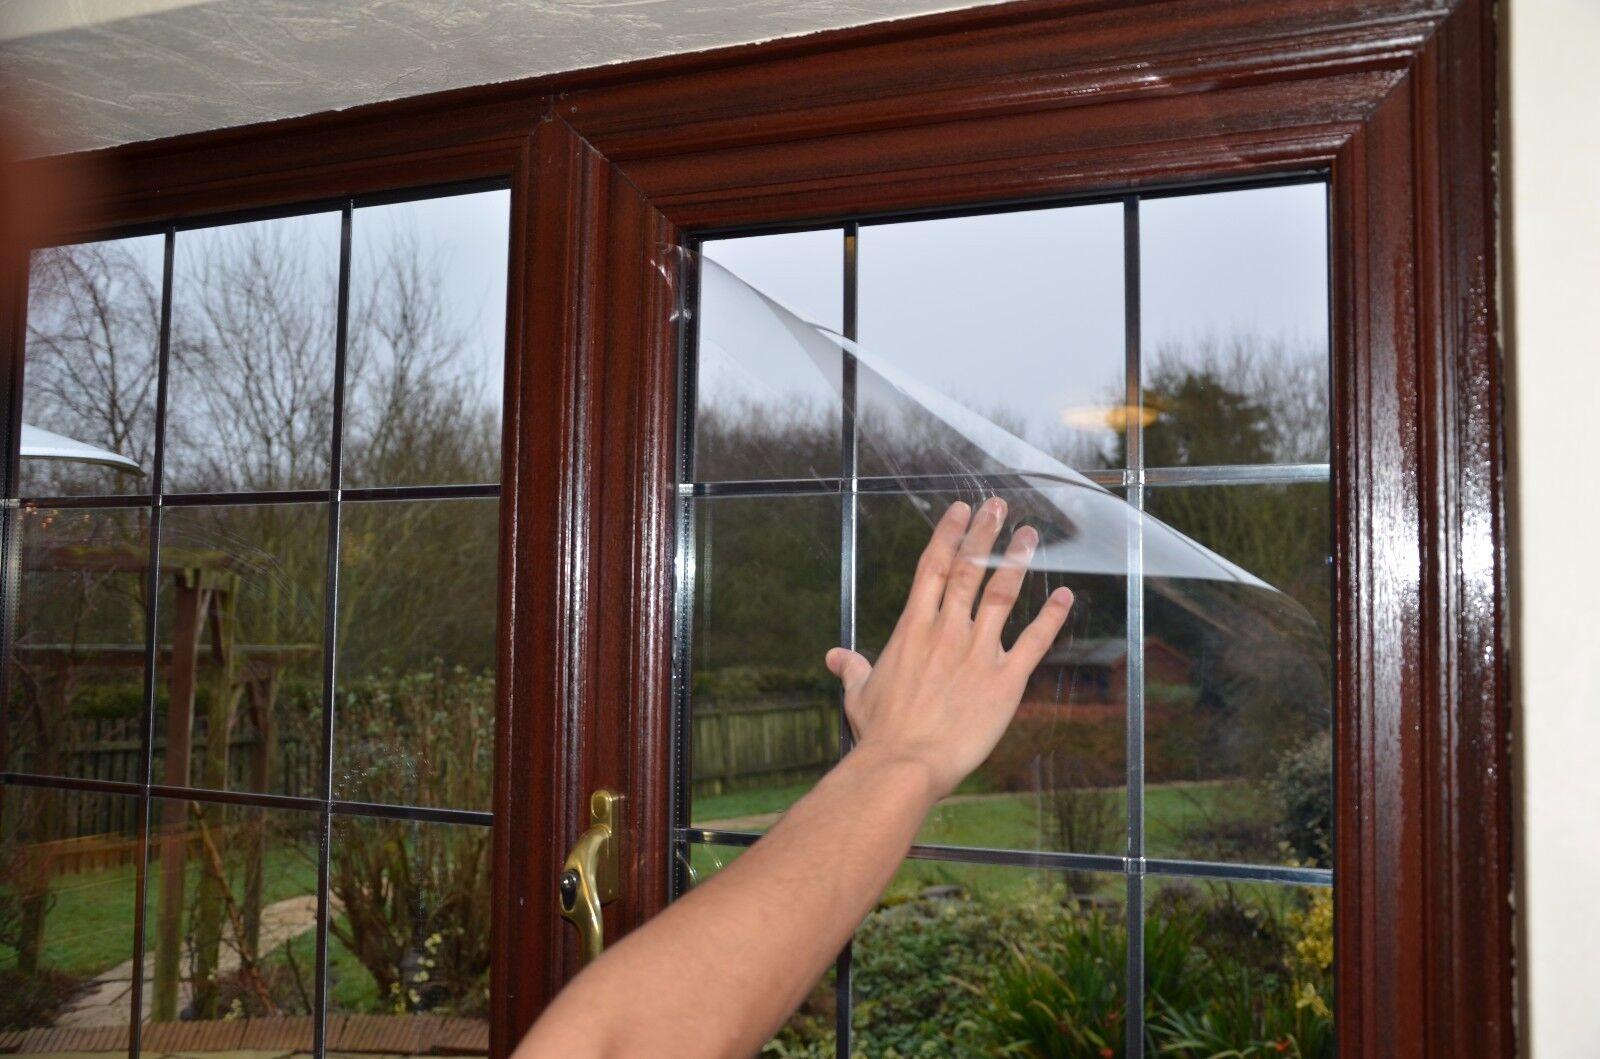 Joyeuses fêtes fêtes Joyeuses et bonnes affaires! Clear Safety Film De Fenêtre 8a781f